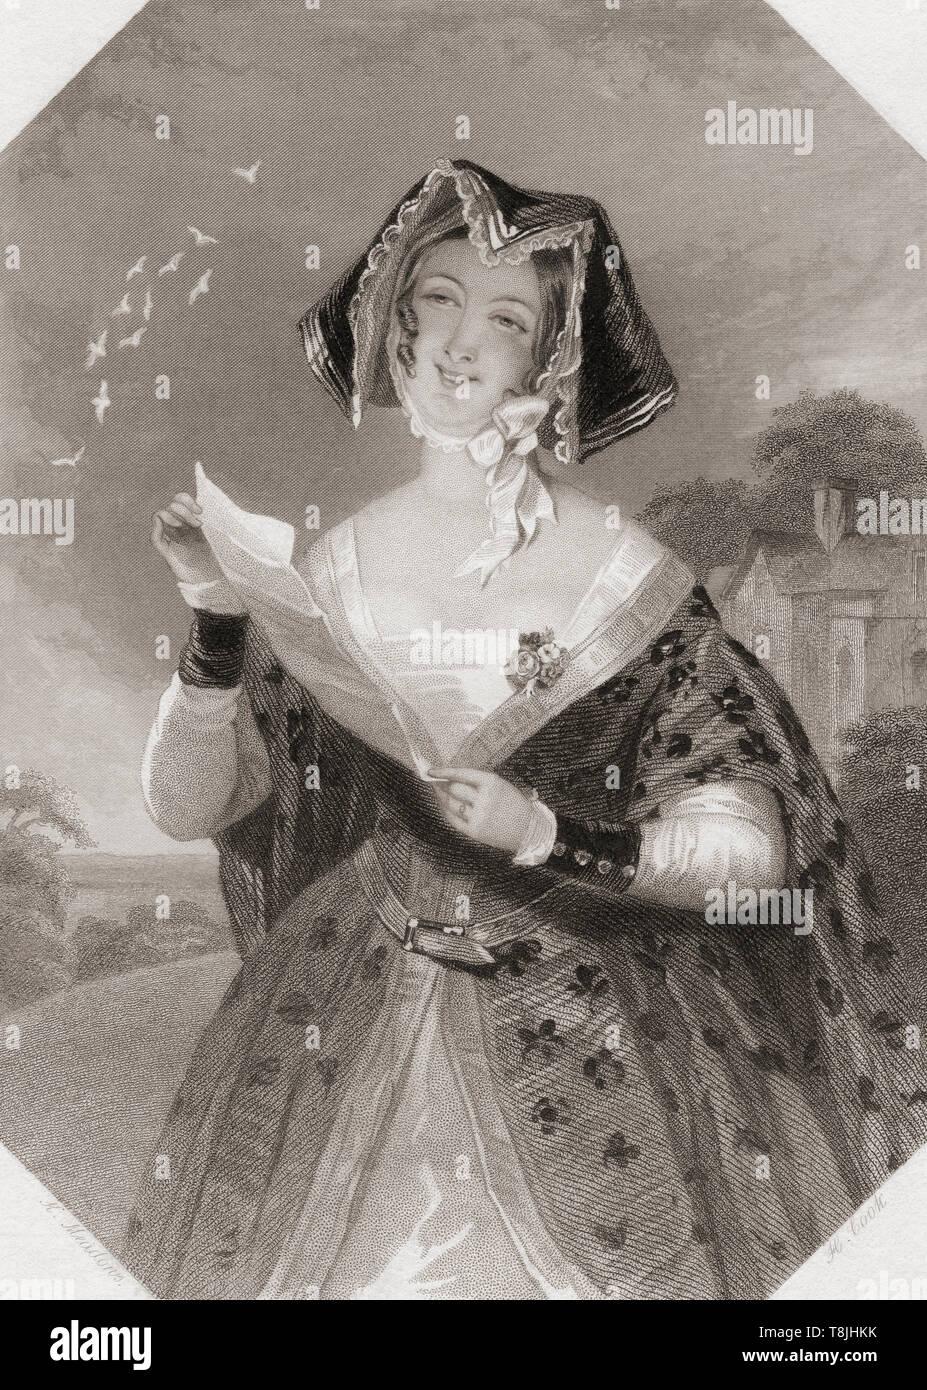 Frau Ford. Wichtigste weibliche Figur aus Shakespeares Die lustigen Weiber von Windsor. Von Shakespeare Gallery, veröffentlicht C 1840. Stockbild